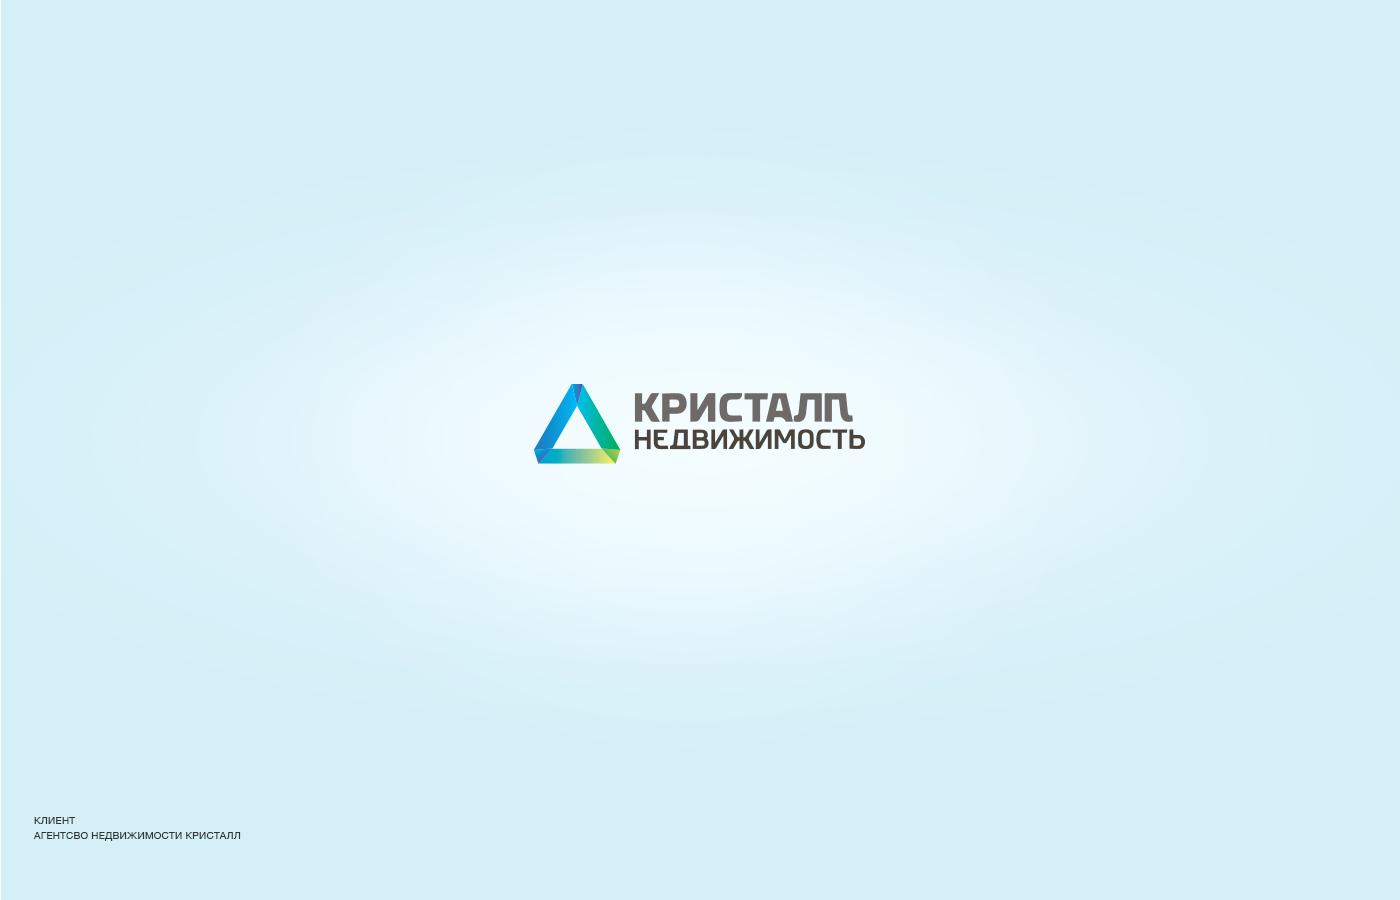 логотип, дизайн, спецтехника, бренд, брендинг, brand, logo, design, turbion, недвижимость, квартиры, аренда, Мурманск, москва, питер